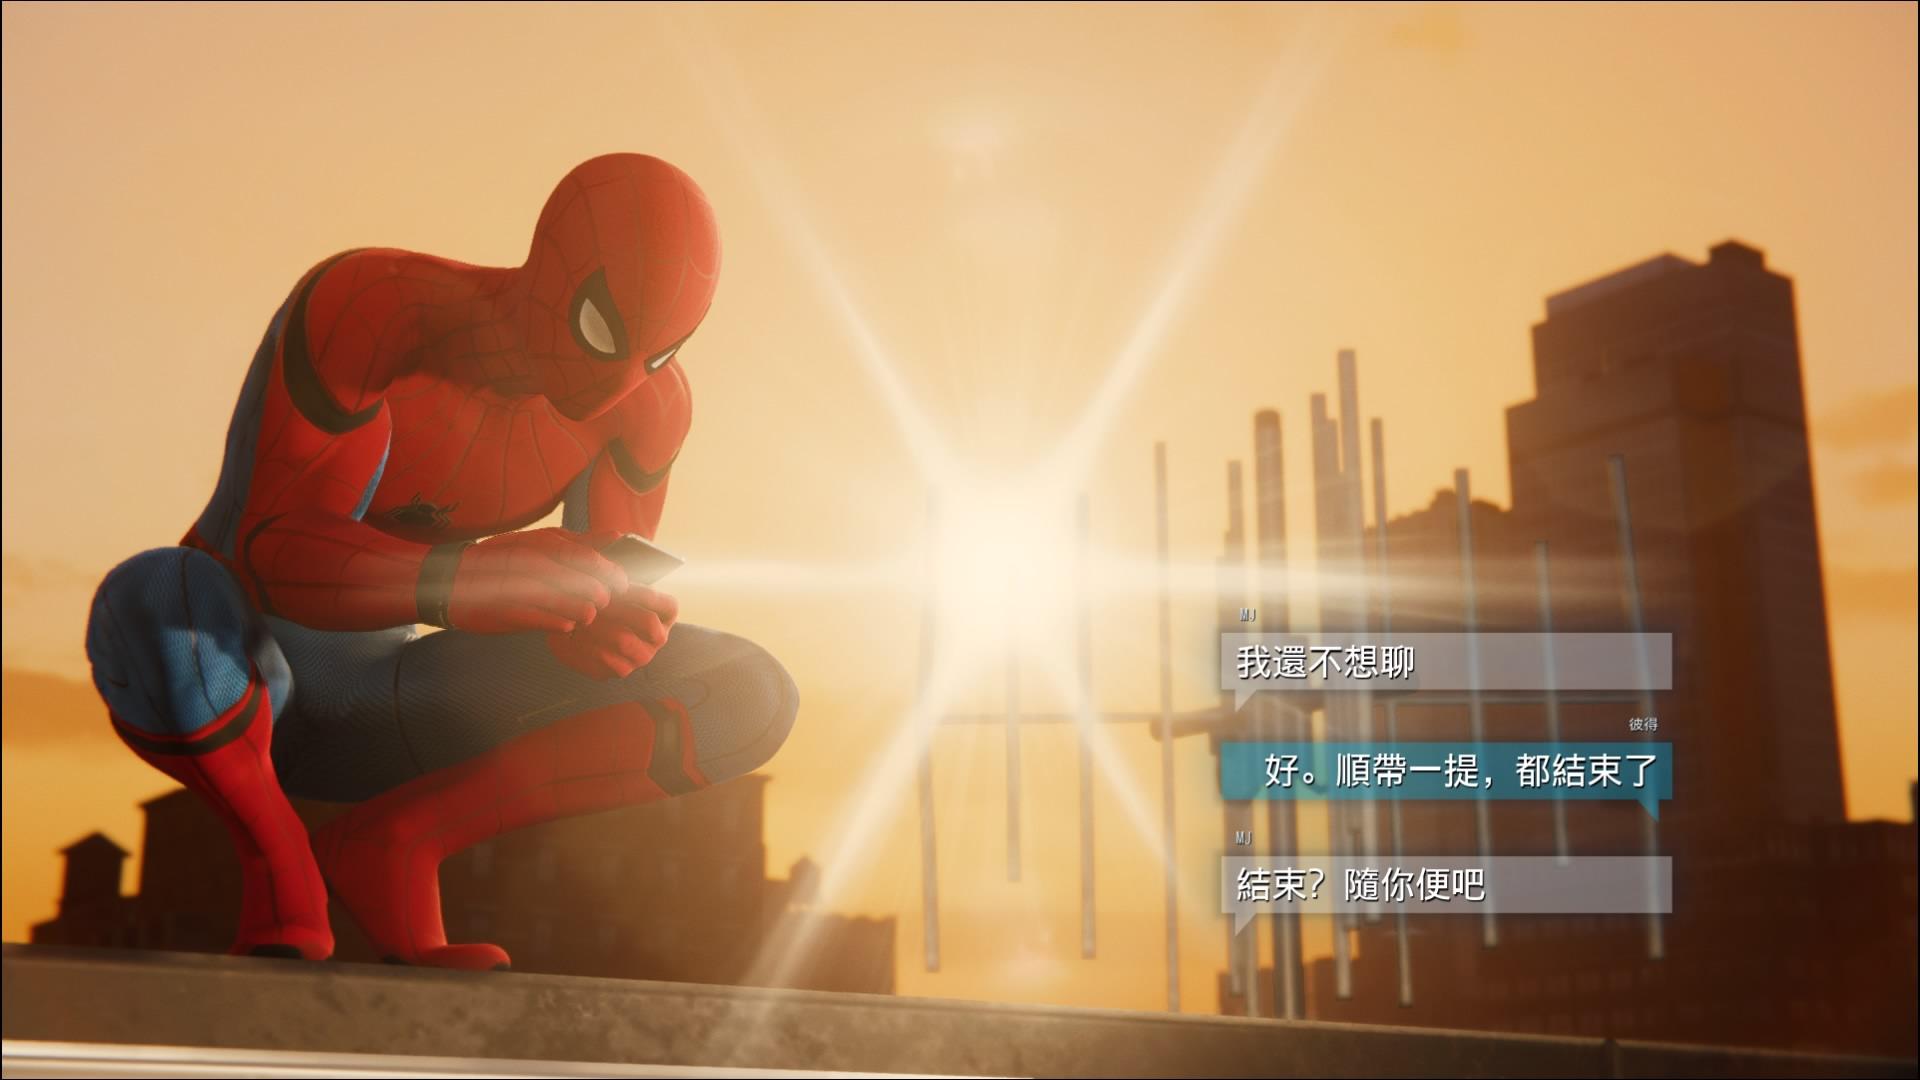 《漫威蜘蛛侠》评测:维护爱与和平 蜘蛛警察出动!